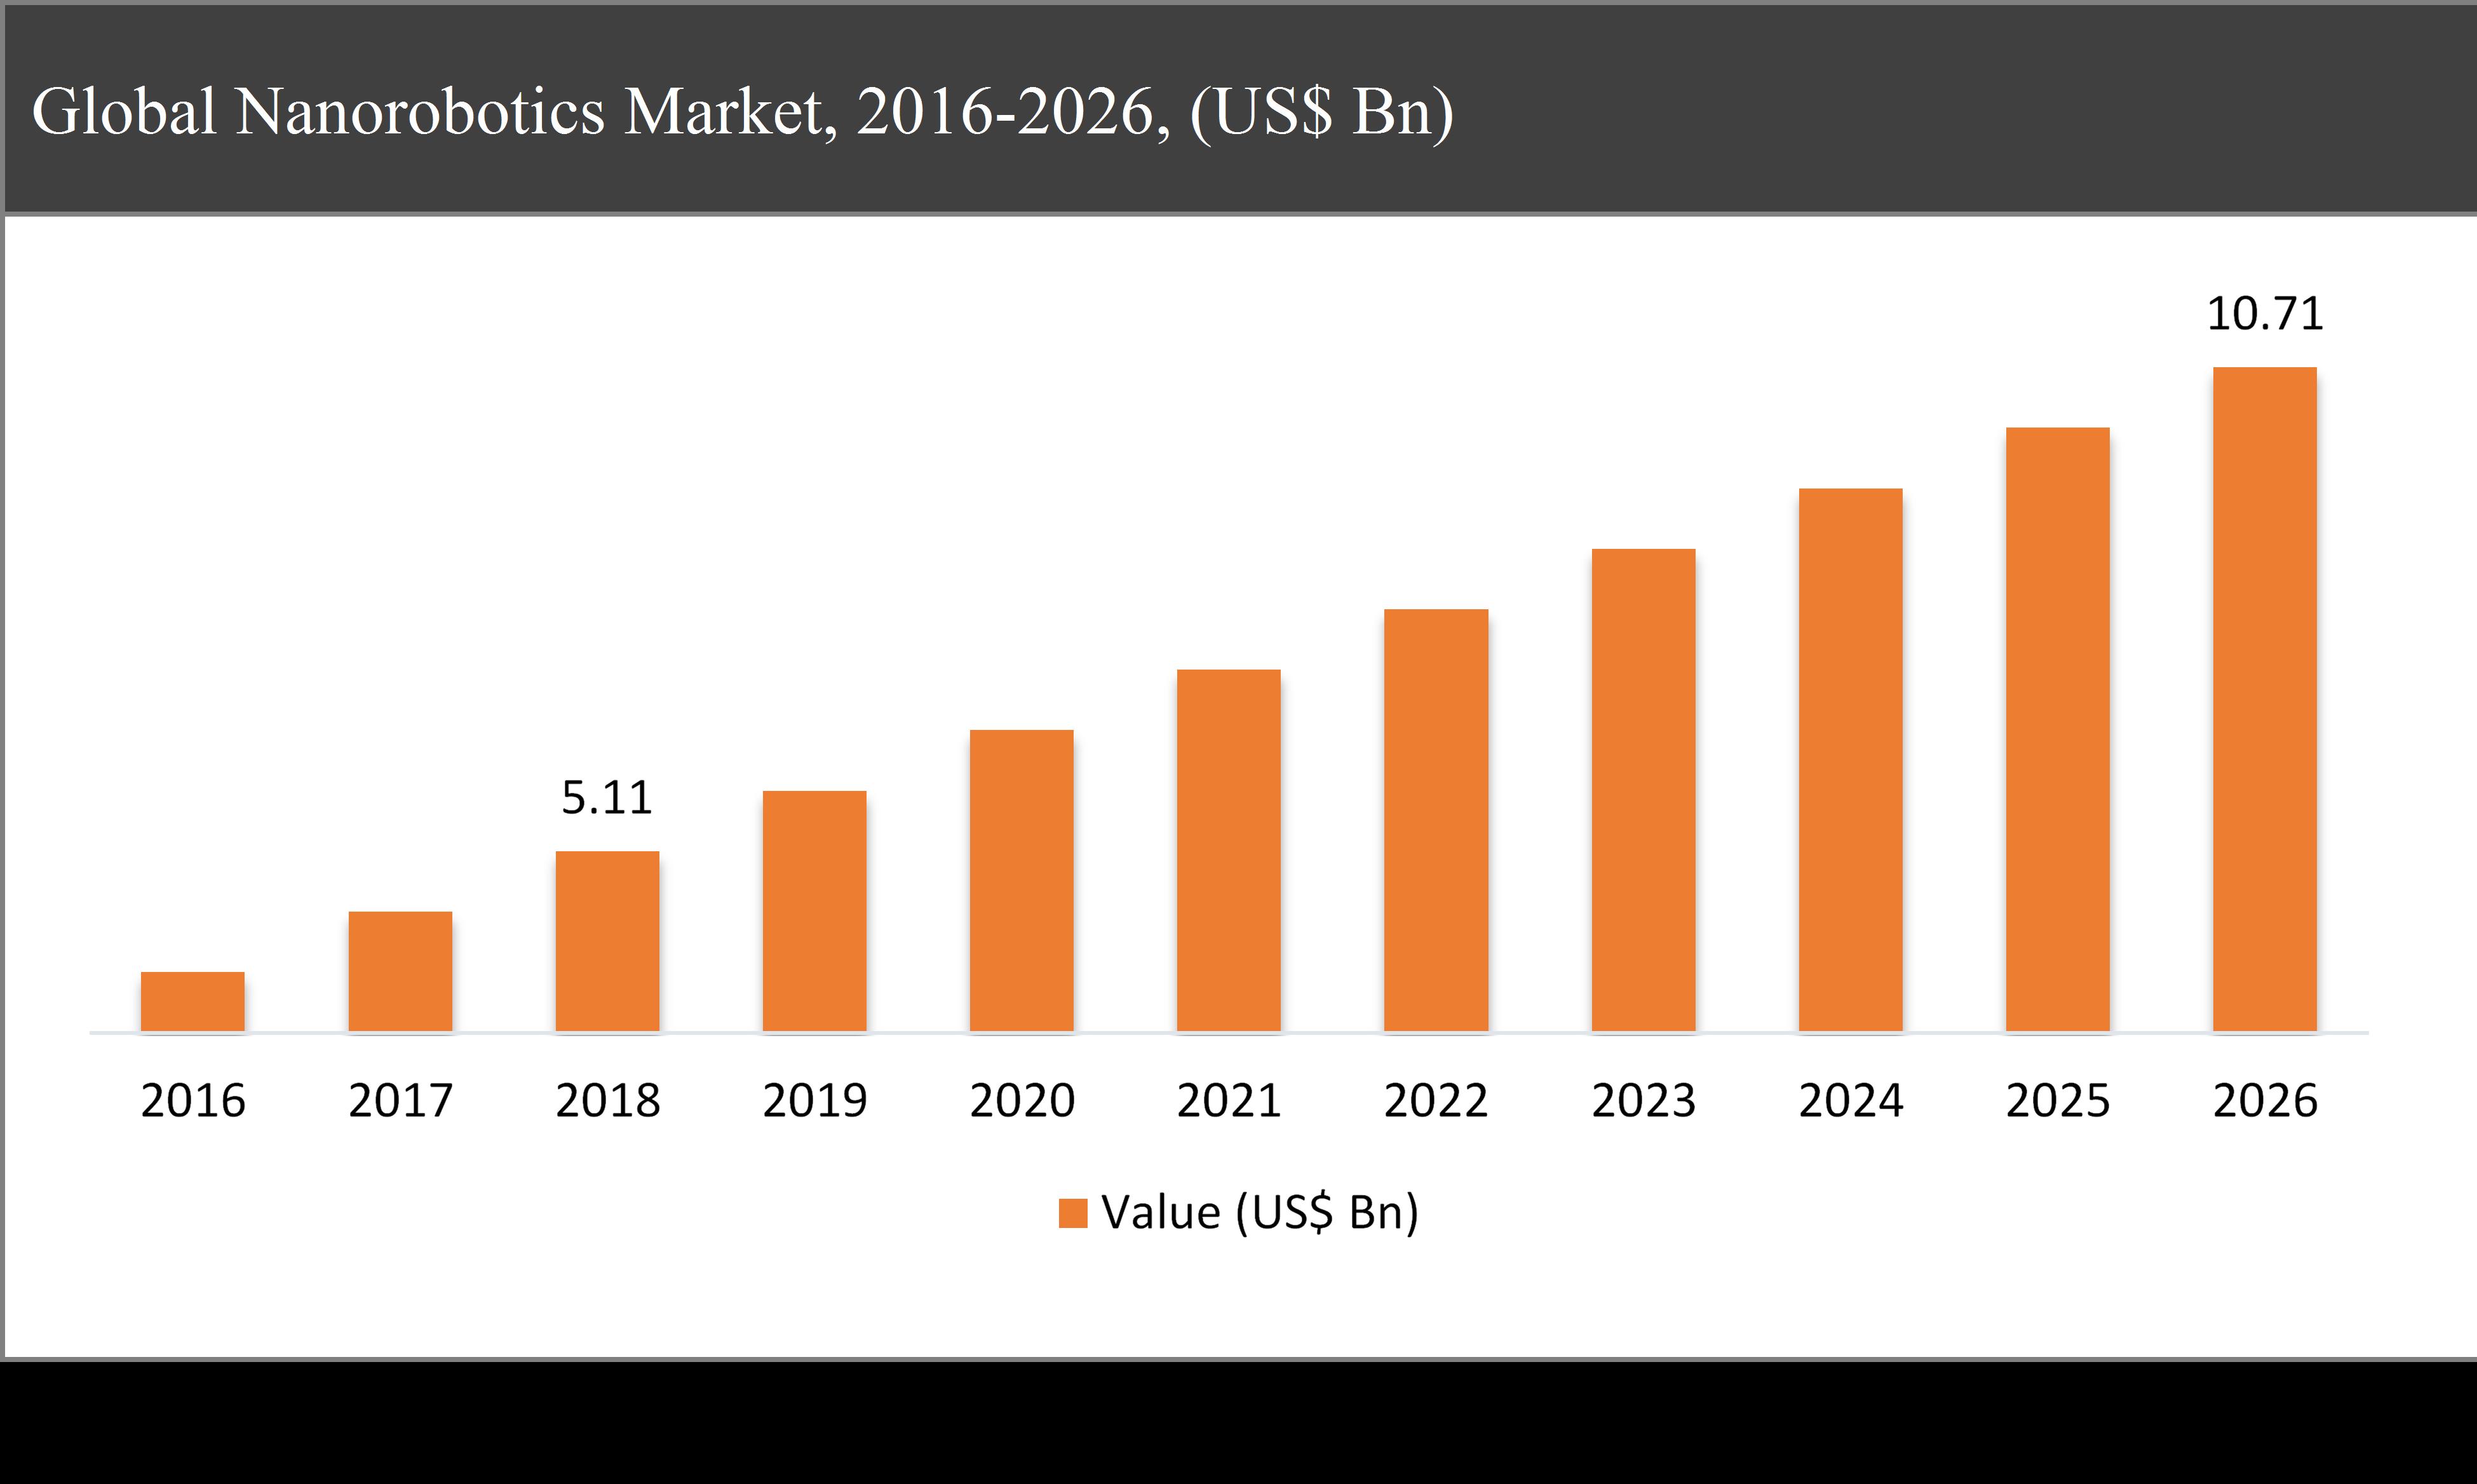 Nanorobotics Market